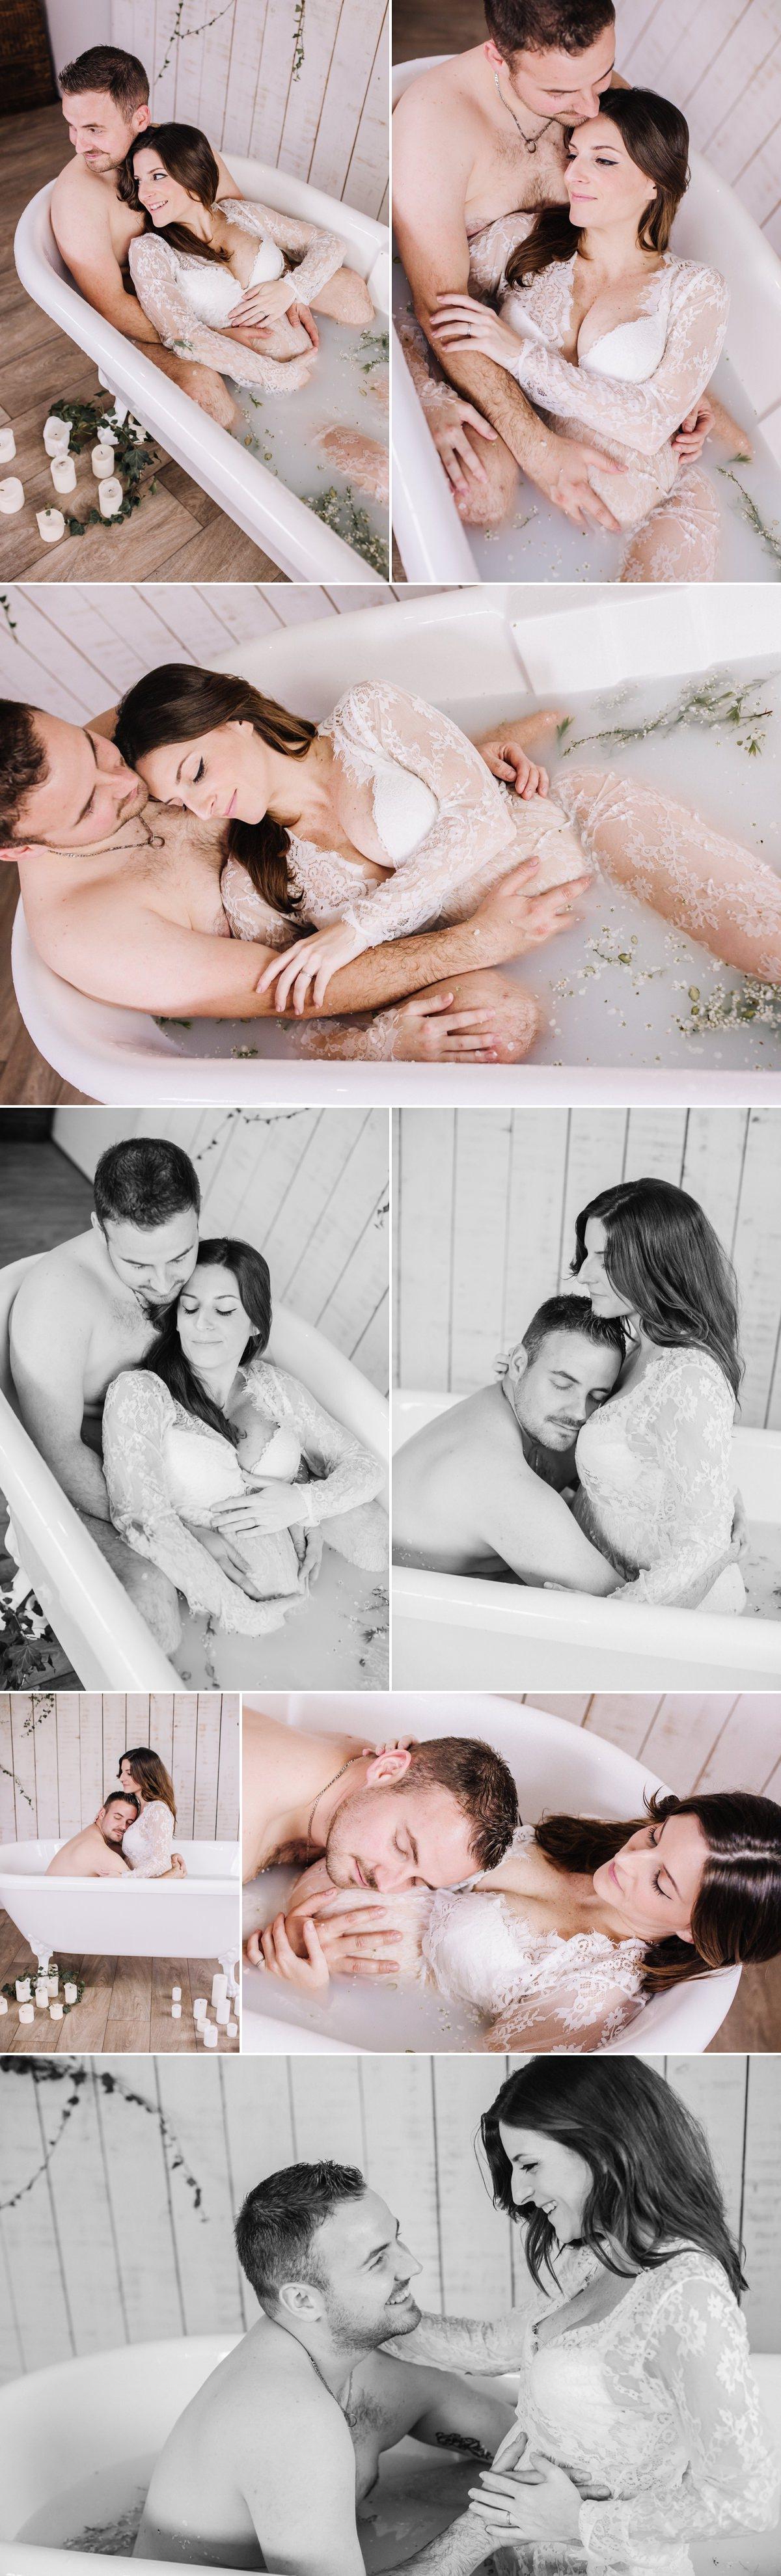 seance-bain-de-lait